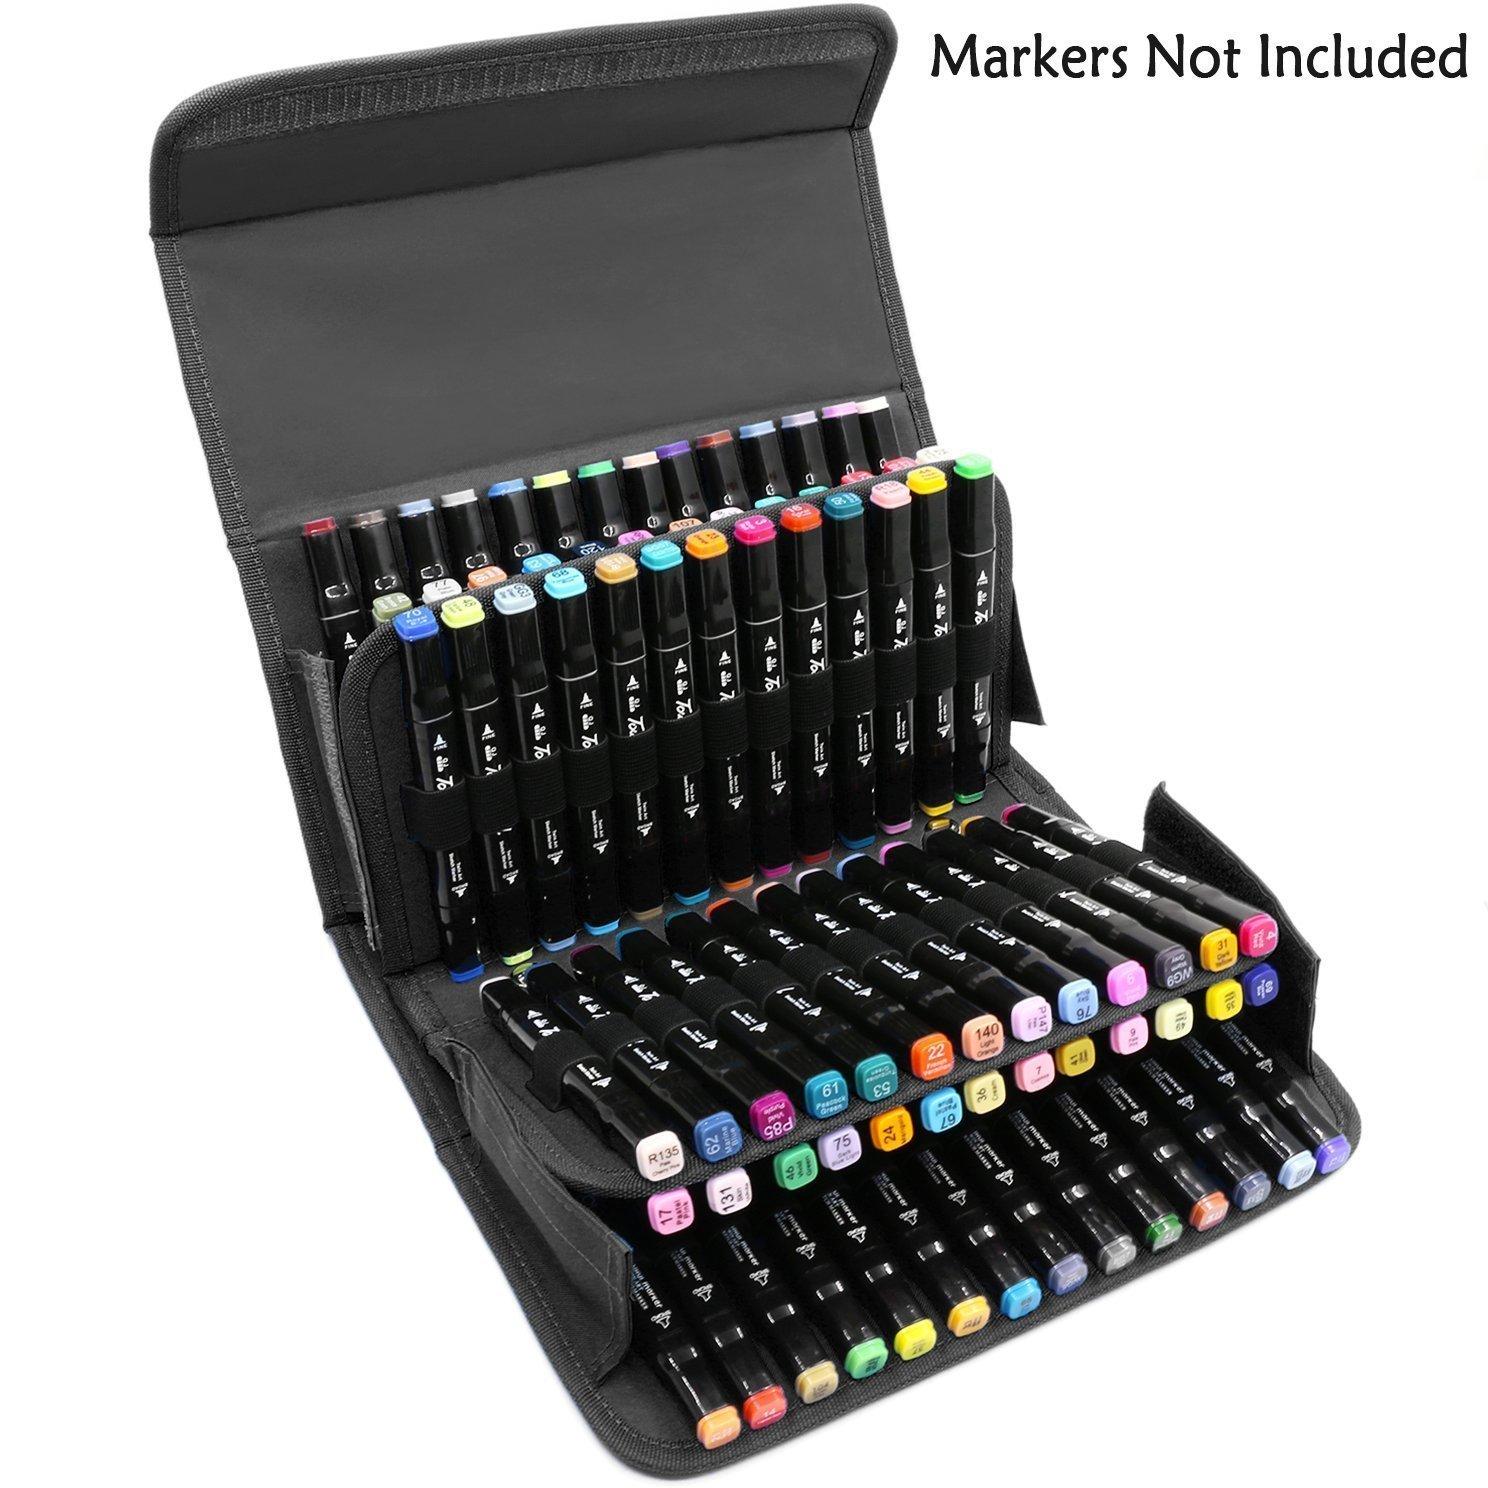 Niutop 80 slot Marker caso cassa di matita portatile con connessione Velcro con cinghia regolabile per marcare penna da 15mm a 22 millimetri di diametro (Rosa)